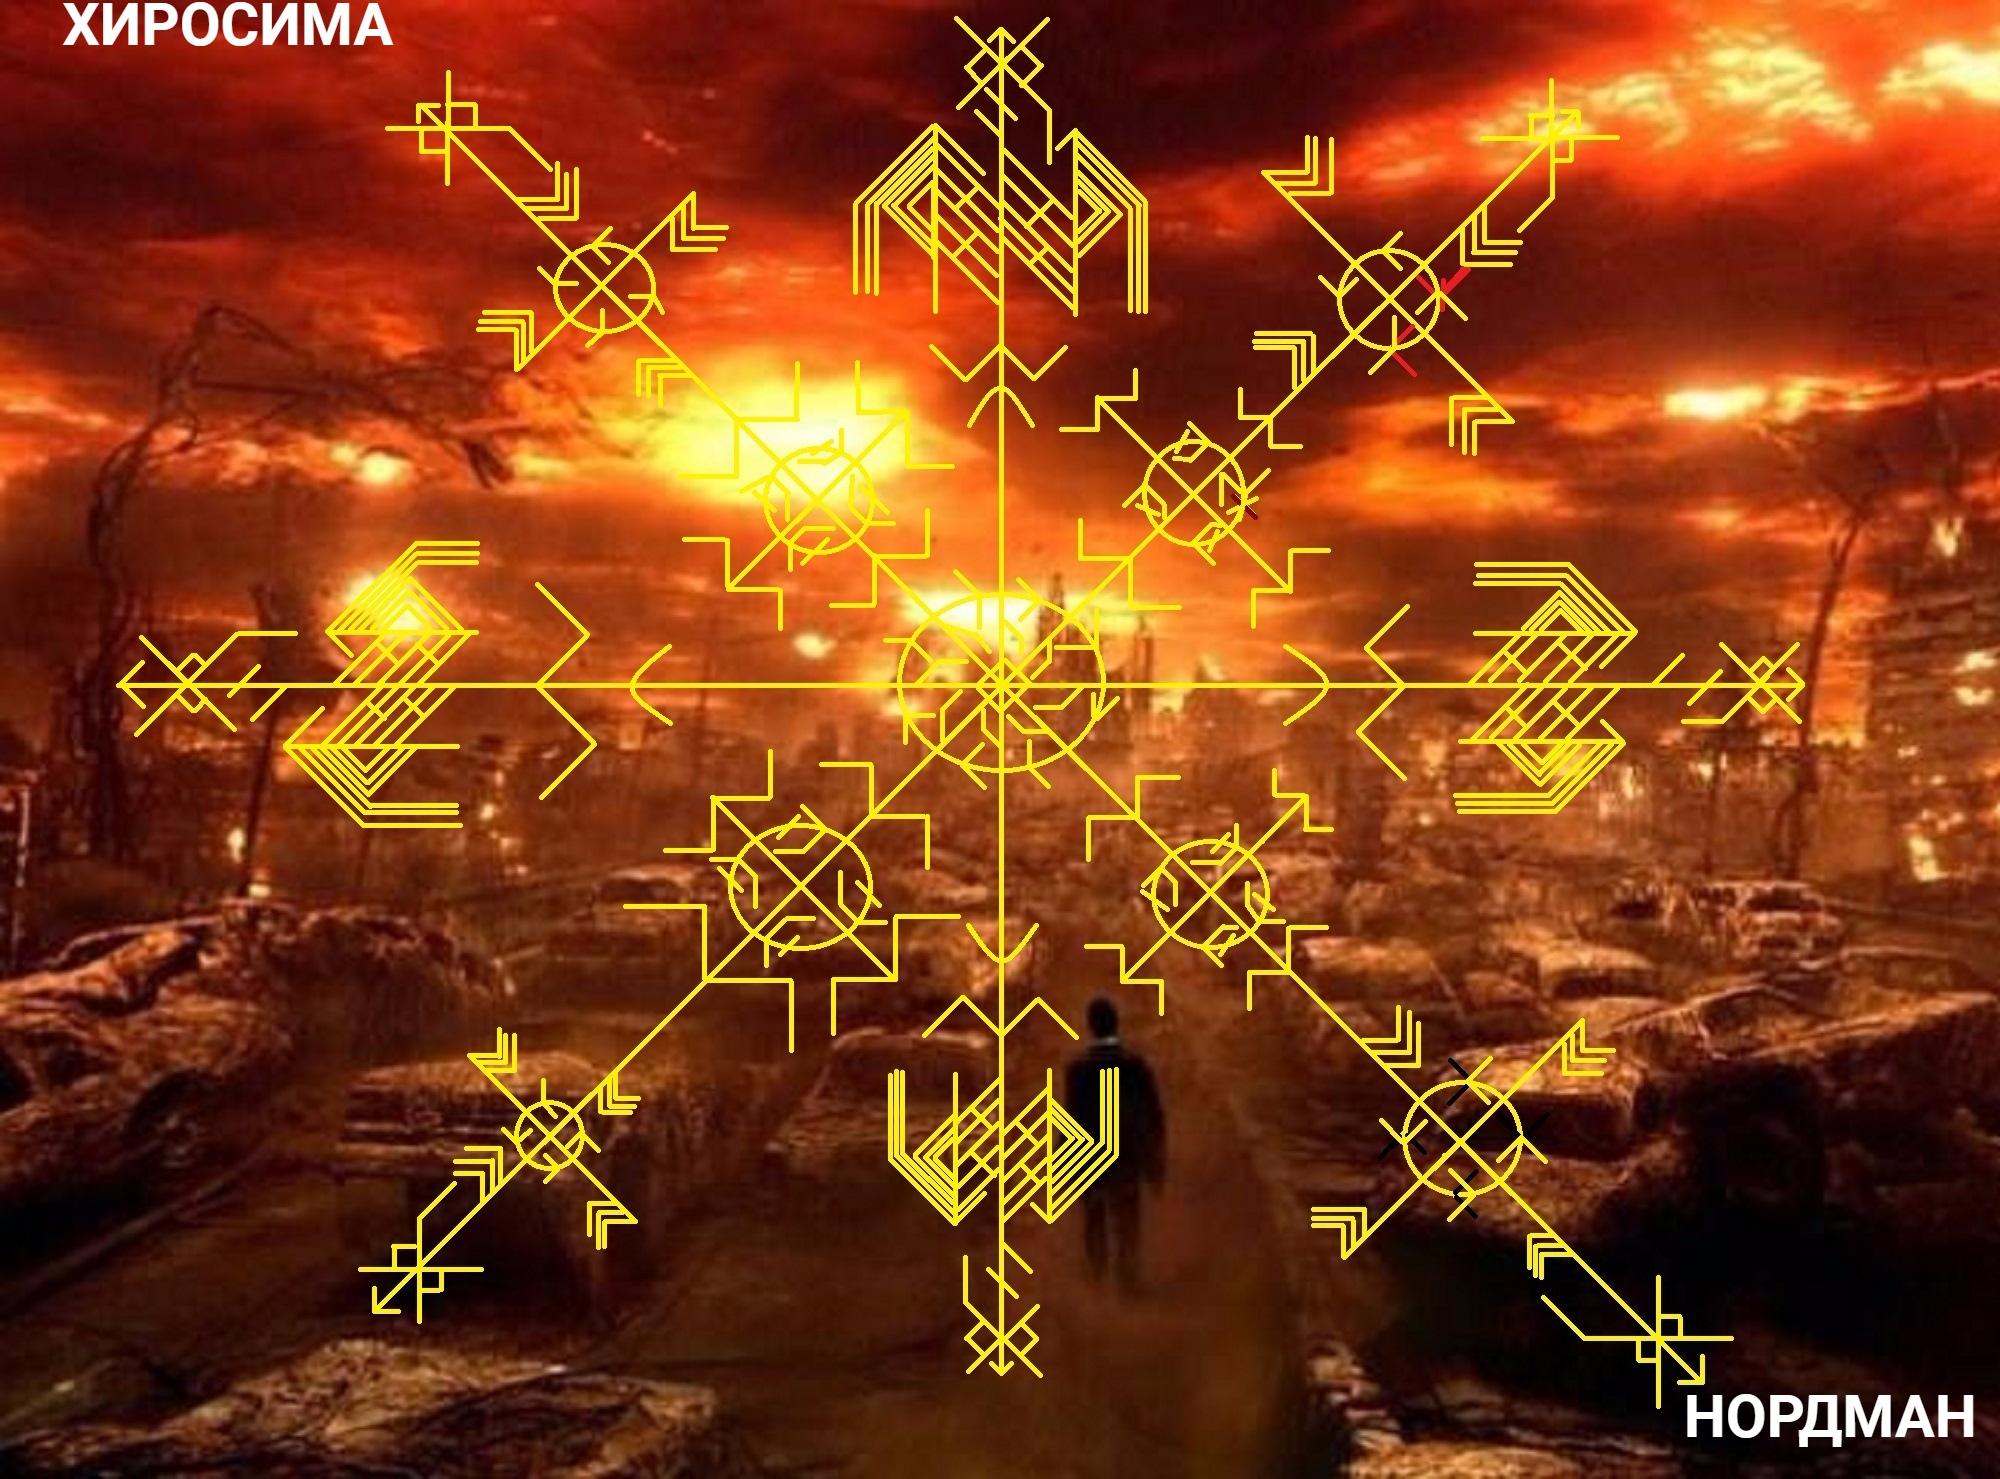 Хиросима - уничтожитель, разрушитель 3kSysf5y1kY